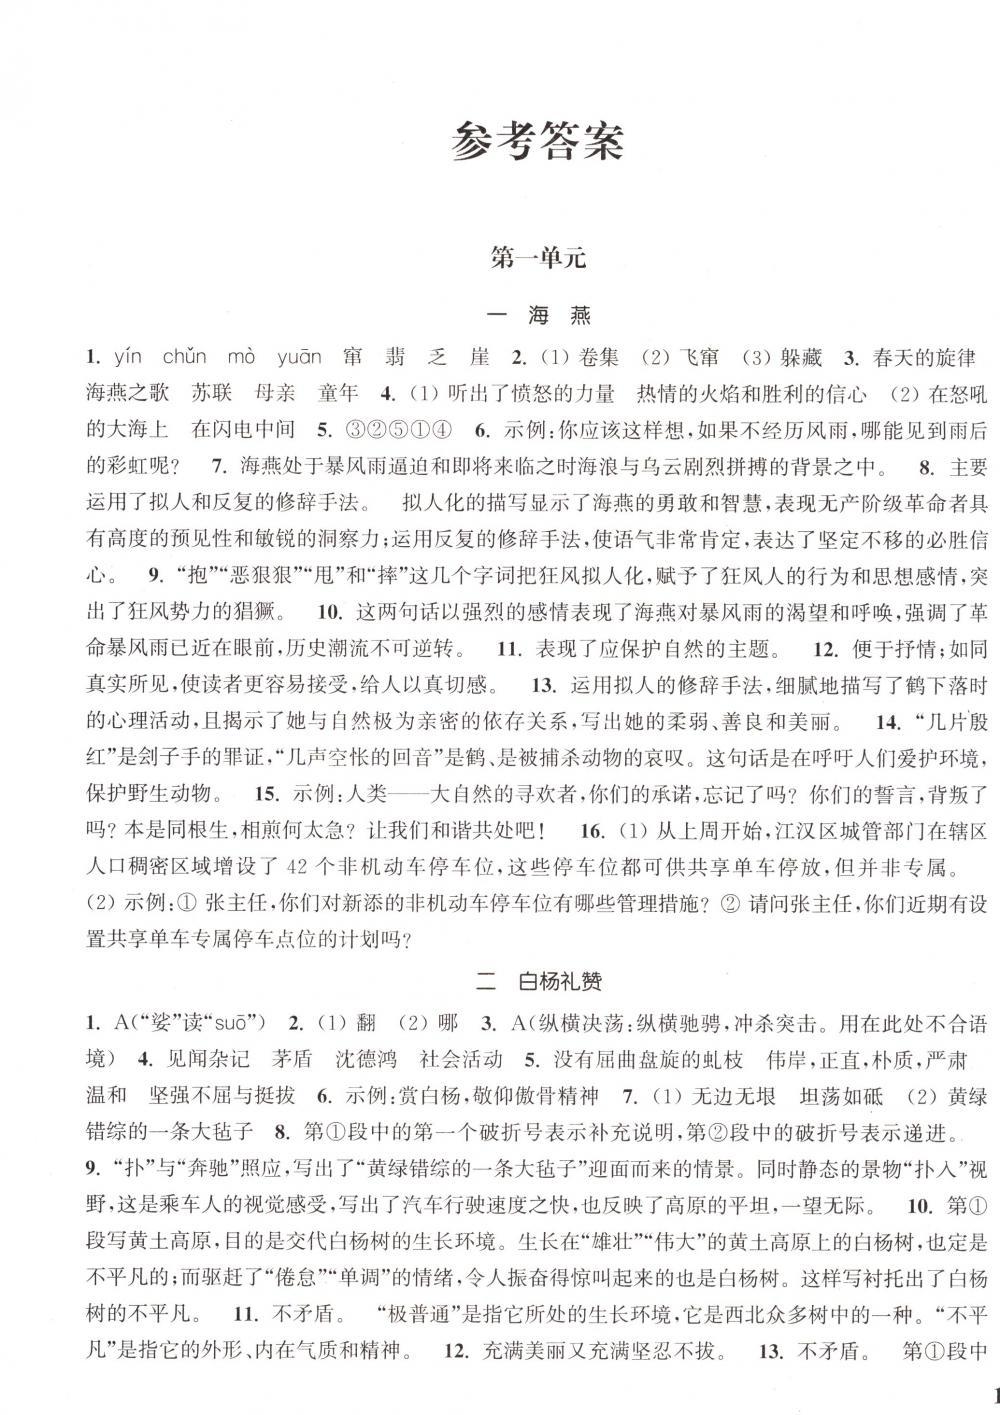 2018年通城学典课时作业本八年级语文下册苏教版第1页